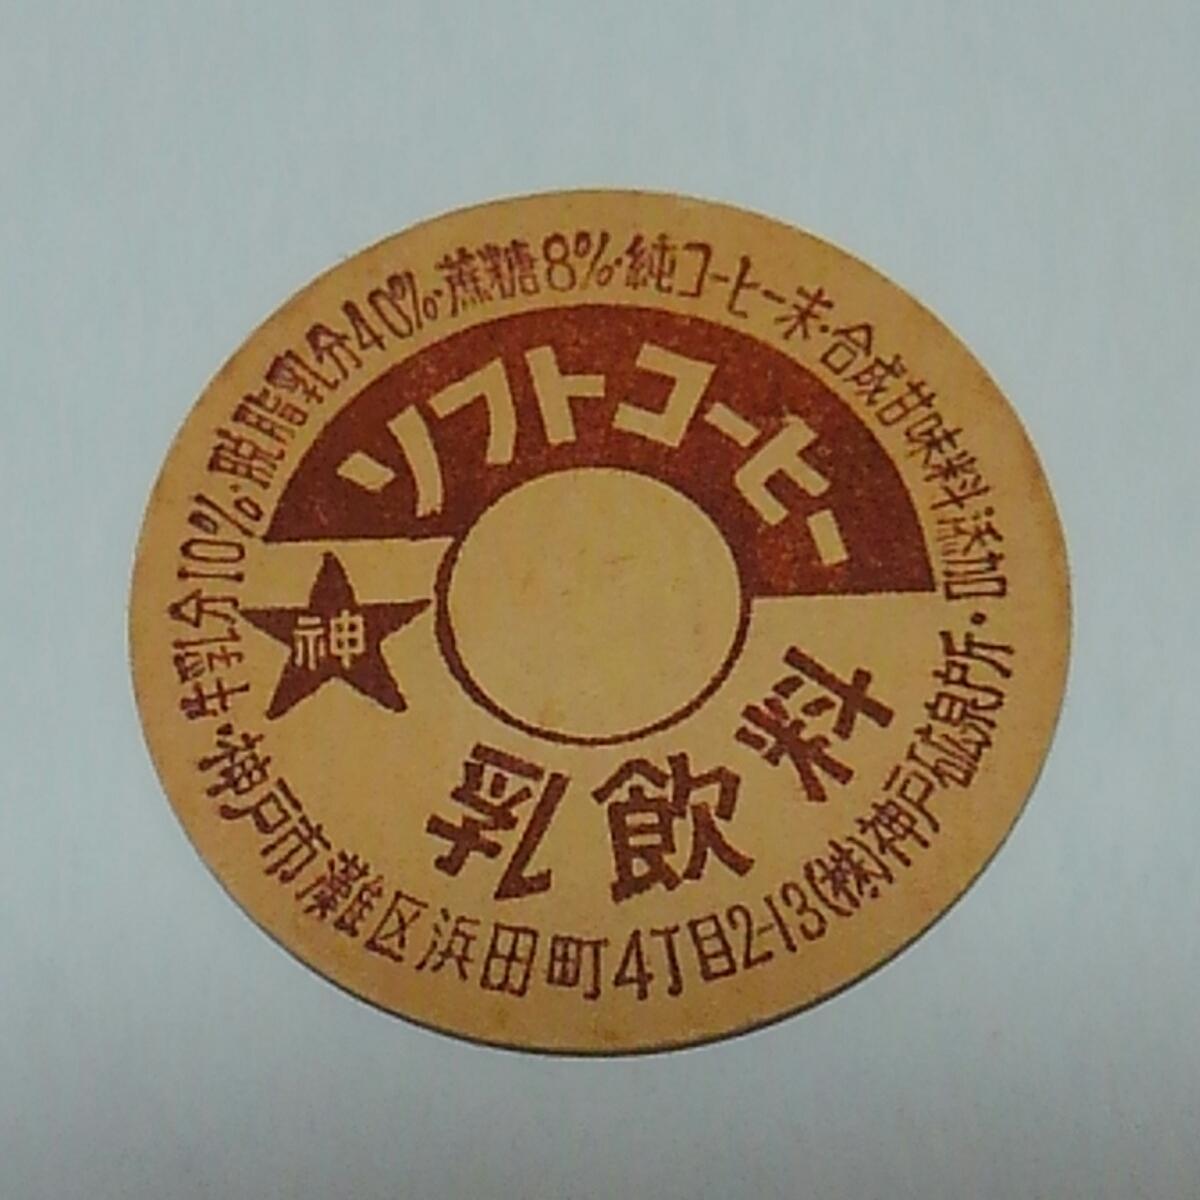 【牛乳キャップ】約40年前 ソフトコーヒー 未使用 兵庫県/(株)神戸砿泉所